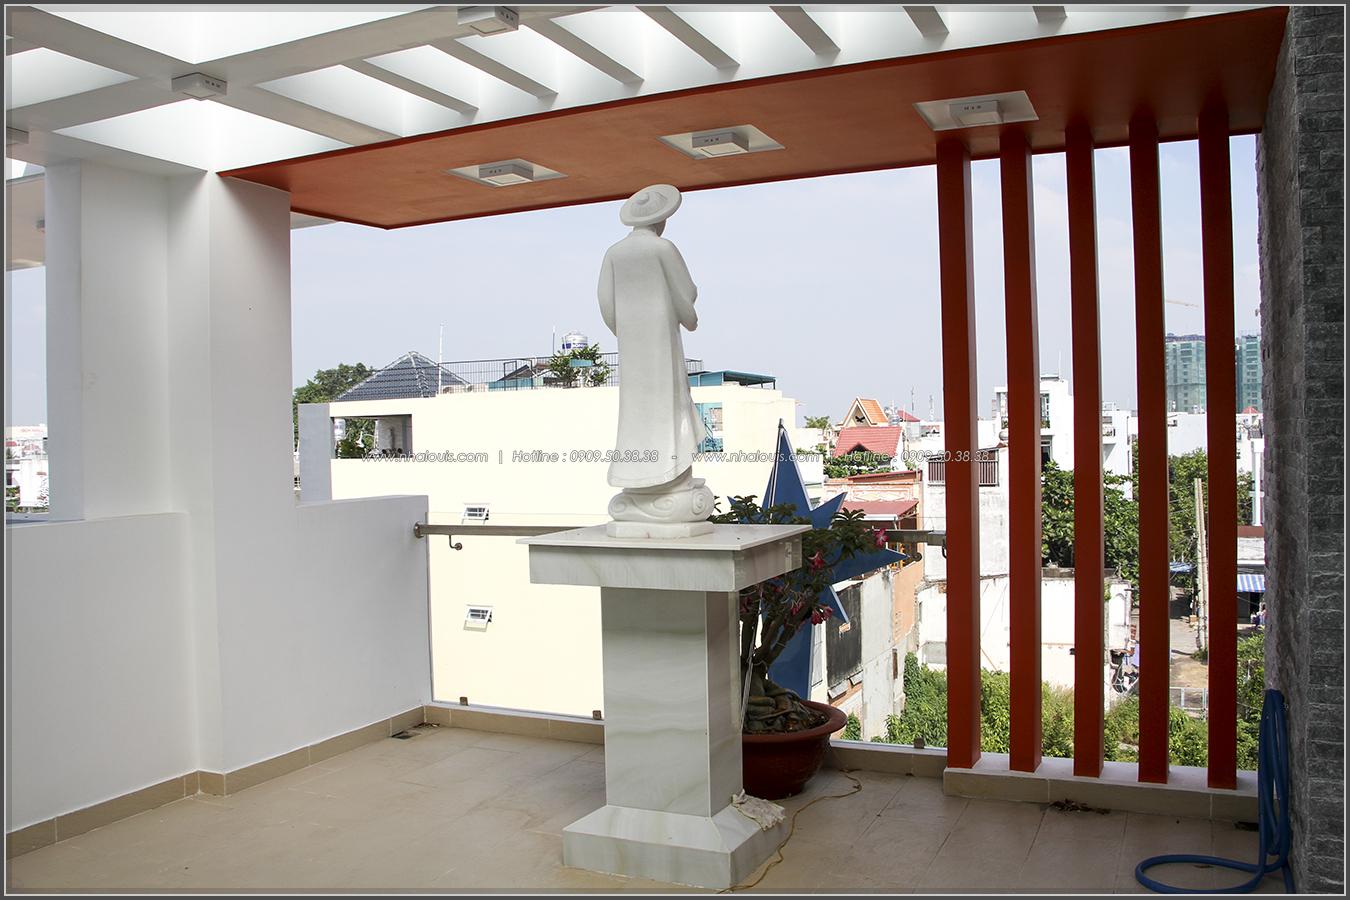 Thi công xây dựng nhà phố 1 trệt 2 lầu phong cách hiện đại ở Tân Phú - 30